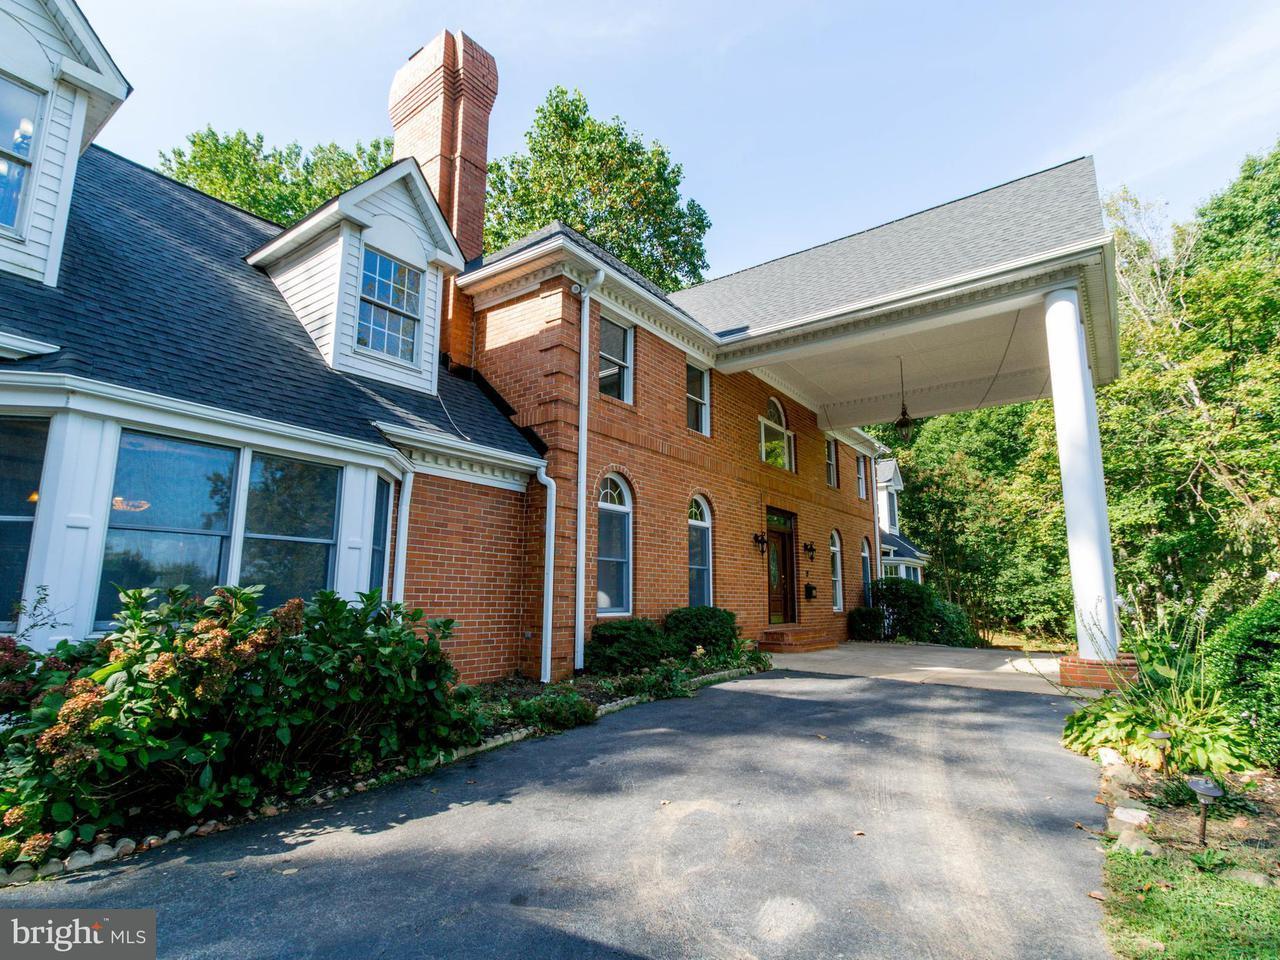 단독 가정 주택 용 매매 에 5723 HUNTON WOOD Drive 5723 HUNTON WOOD Drive Broad Run, 버지니아 20137 미국